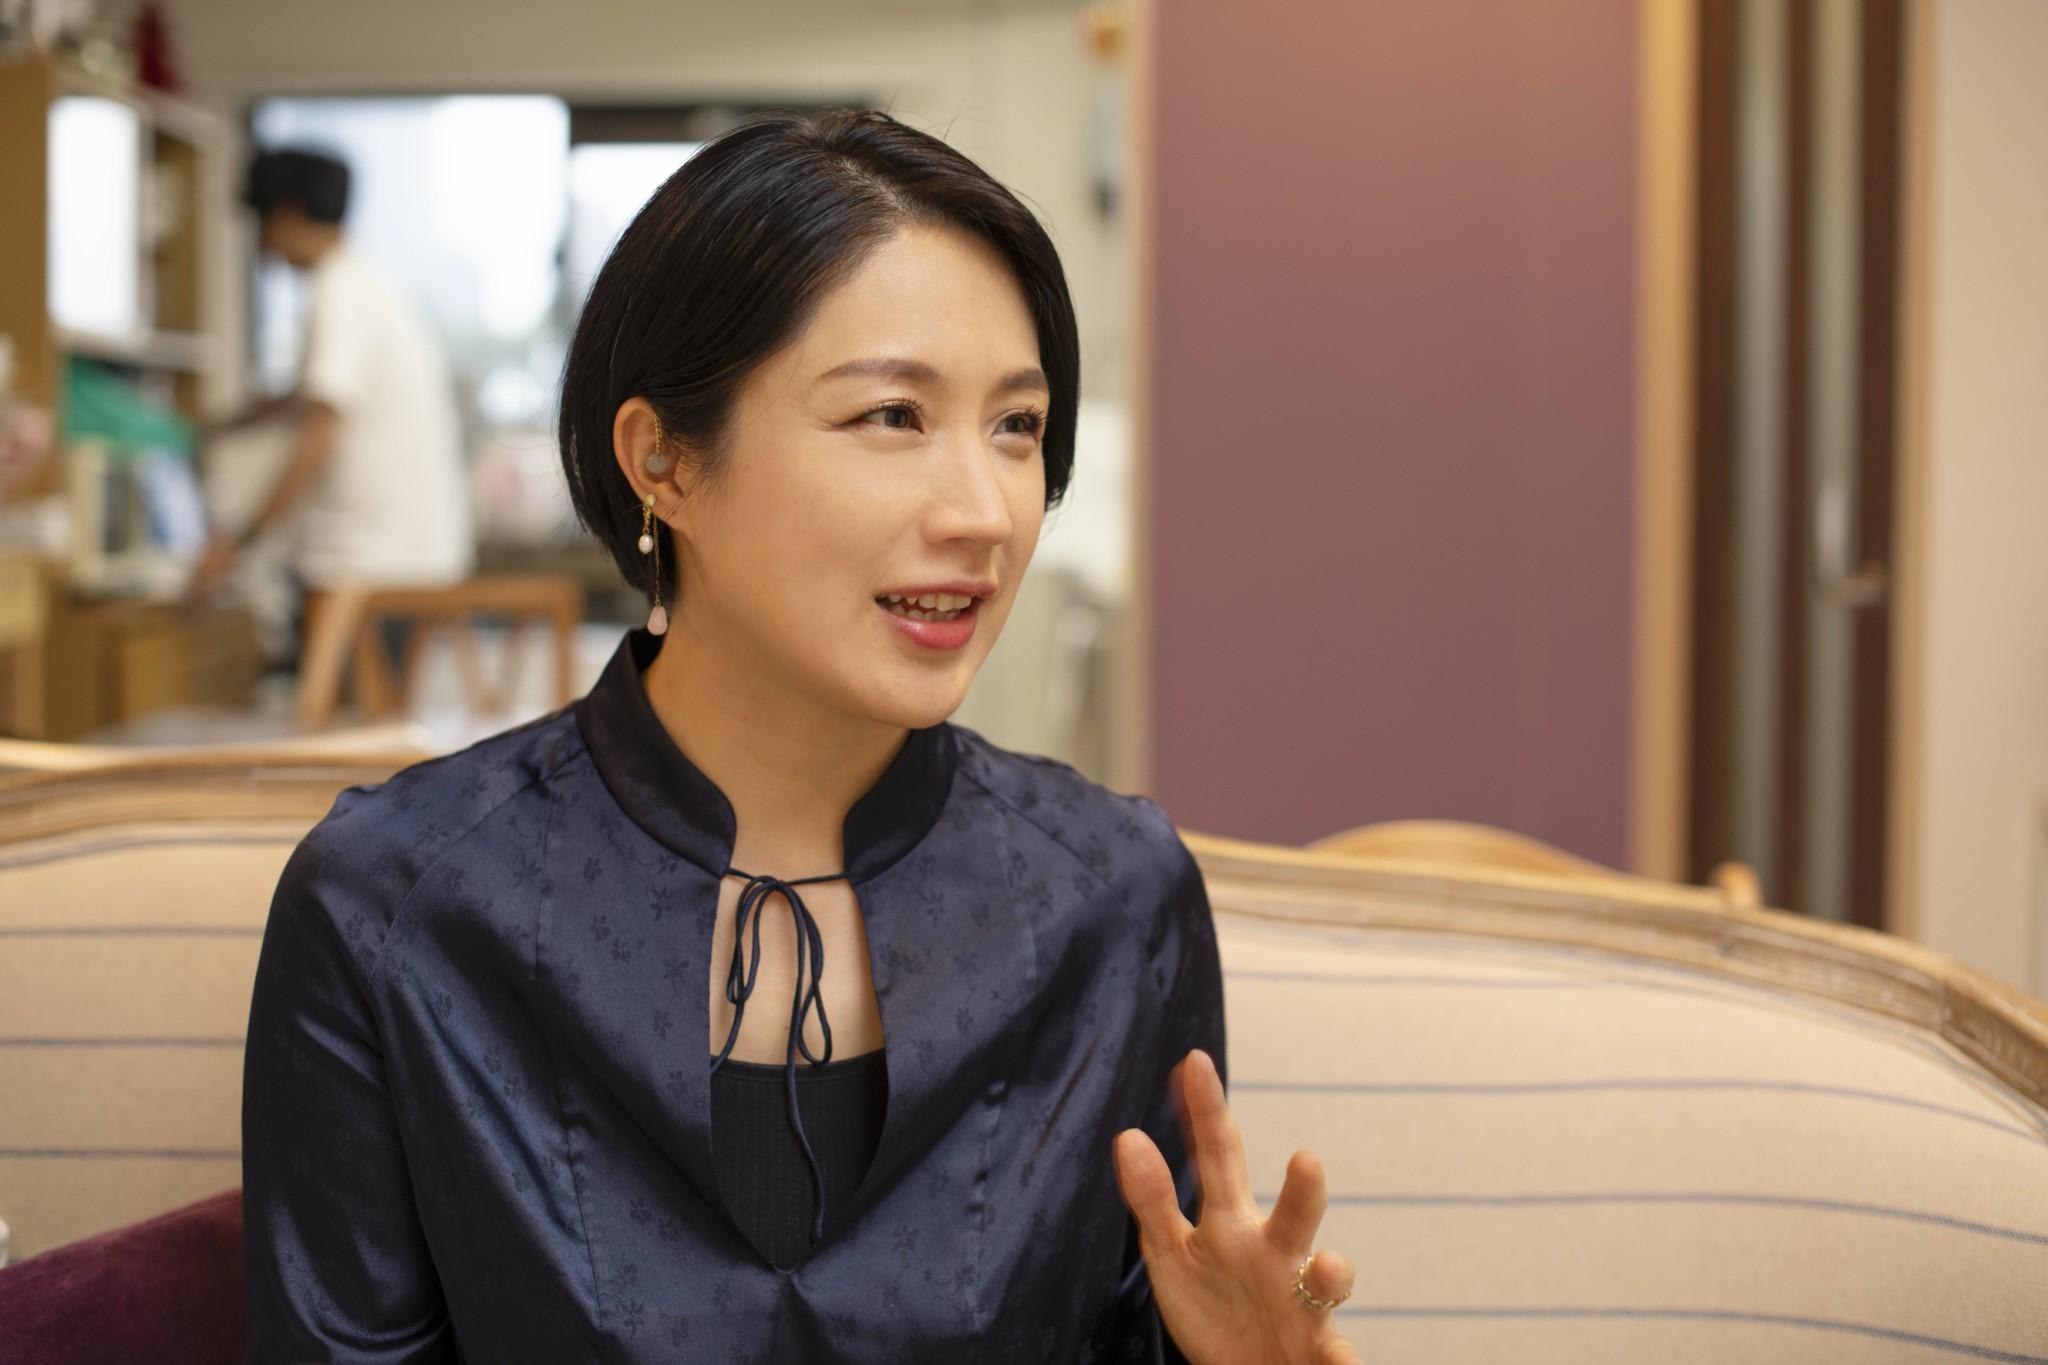 犬山紙子 | Hanako ママ web